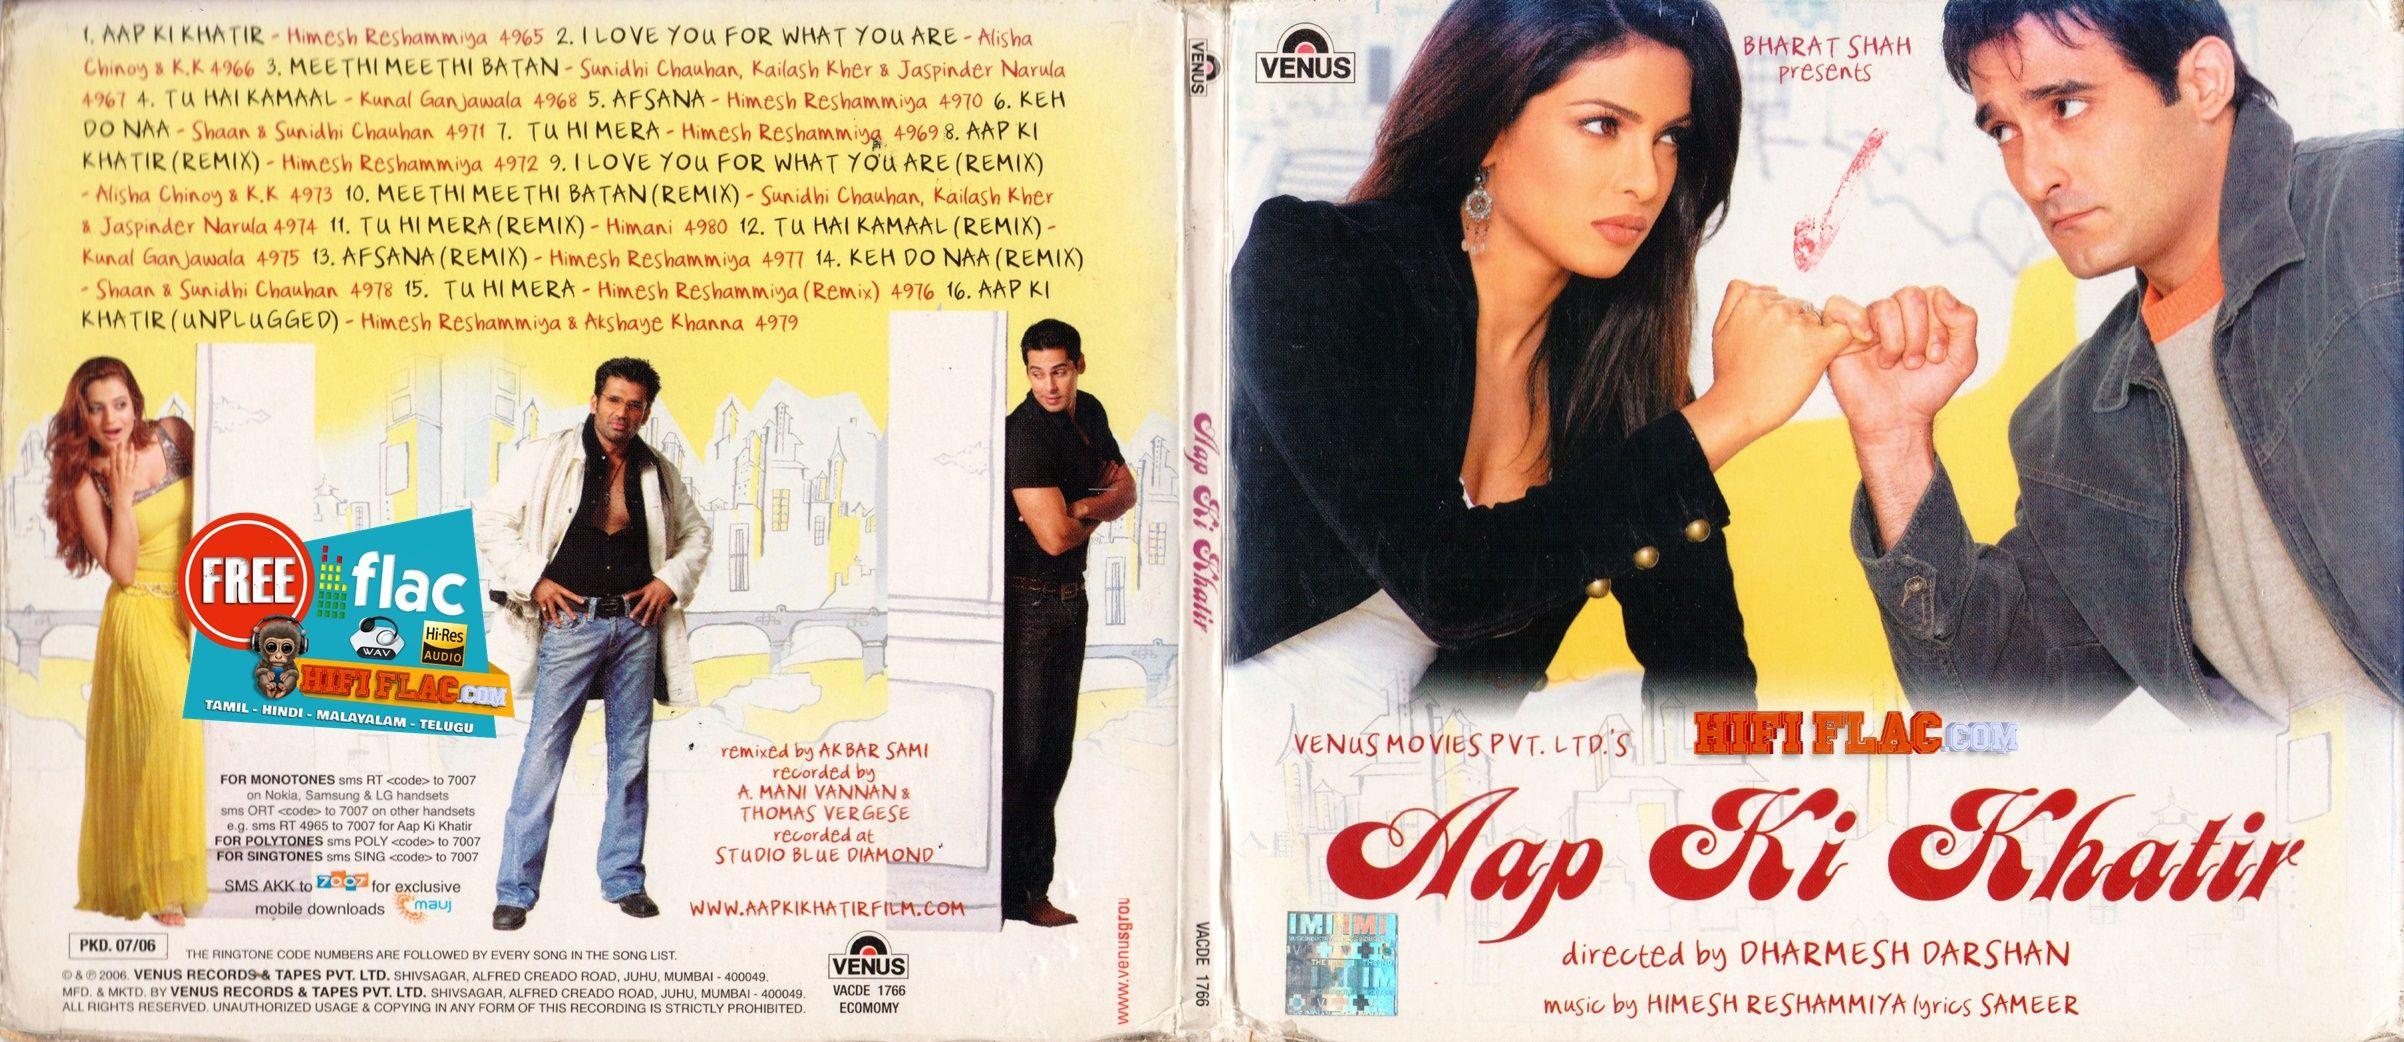 aap ki khatir movie mp3 songs free download 320kbps